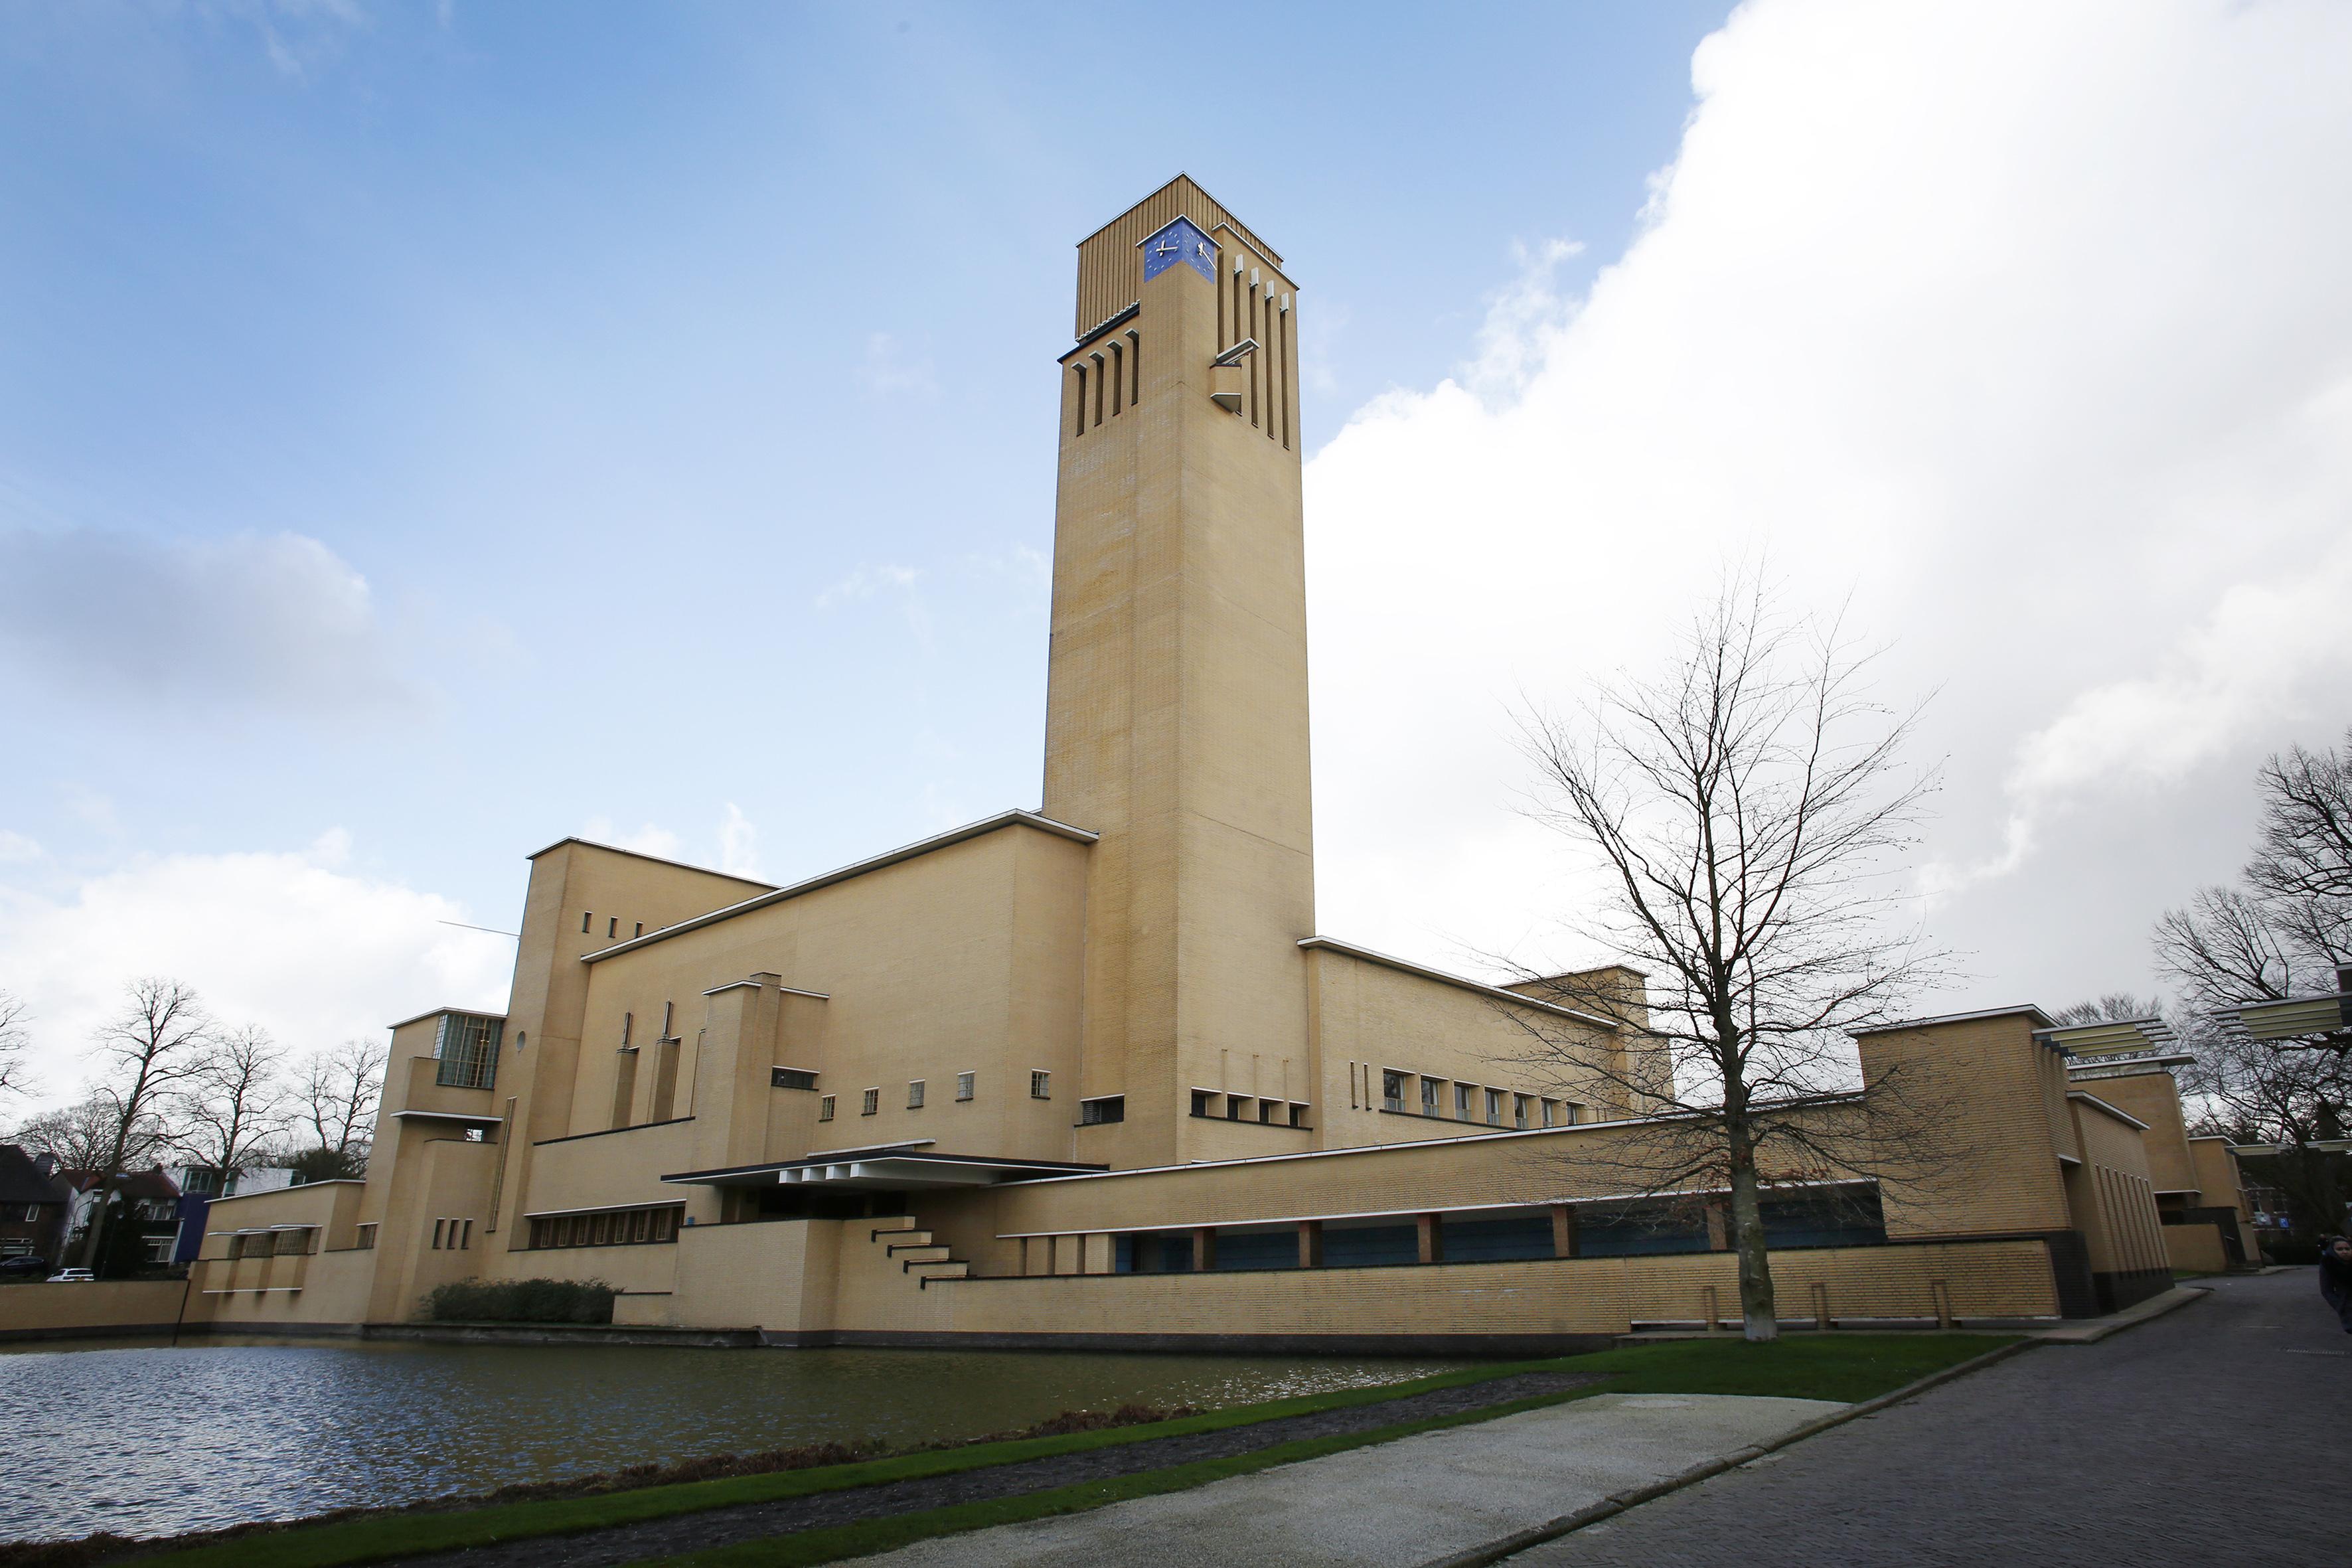 Commissievergadering Hilversum uitgesteld vanwege technische problemen